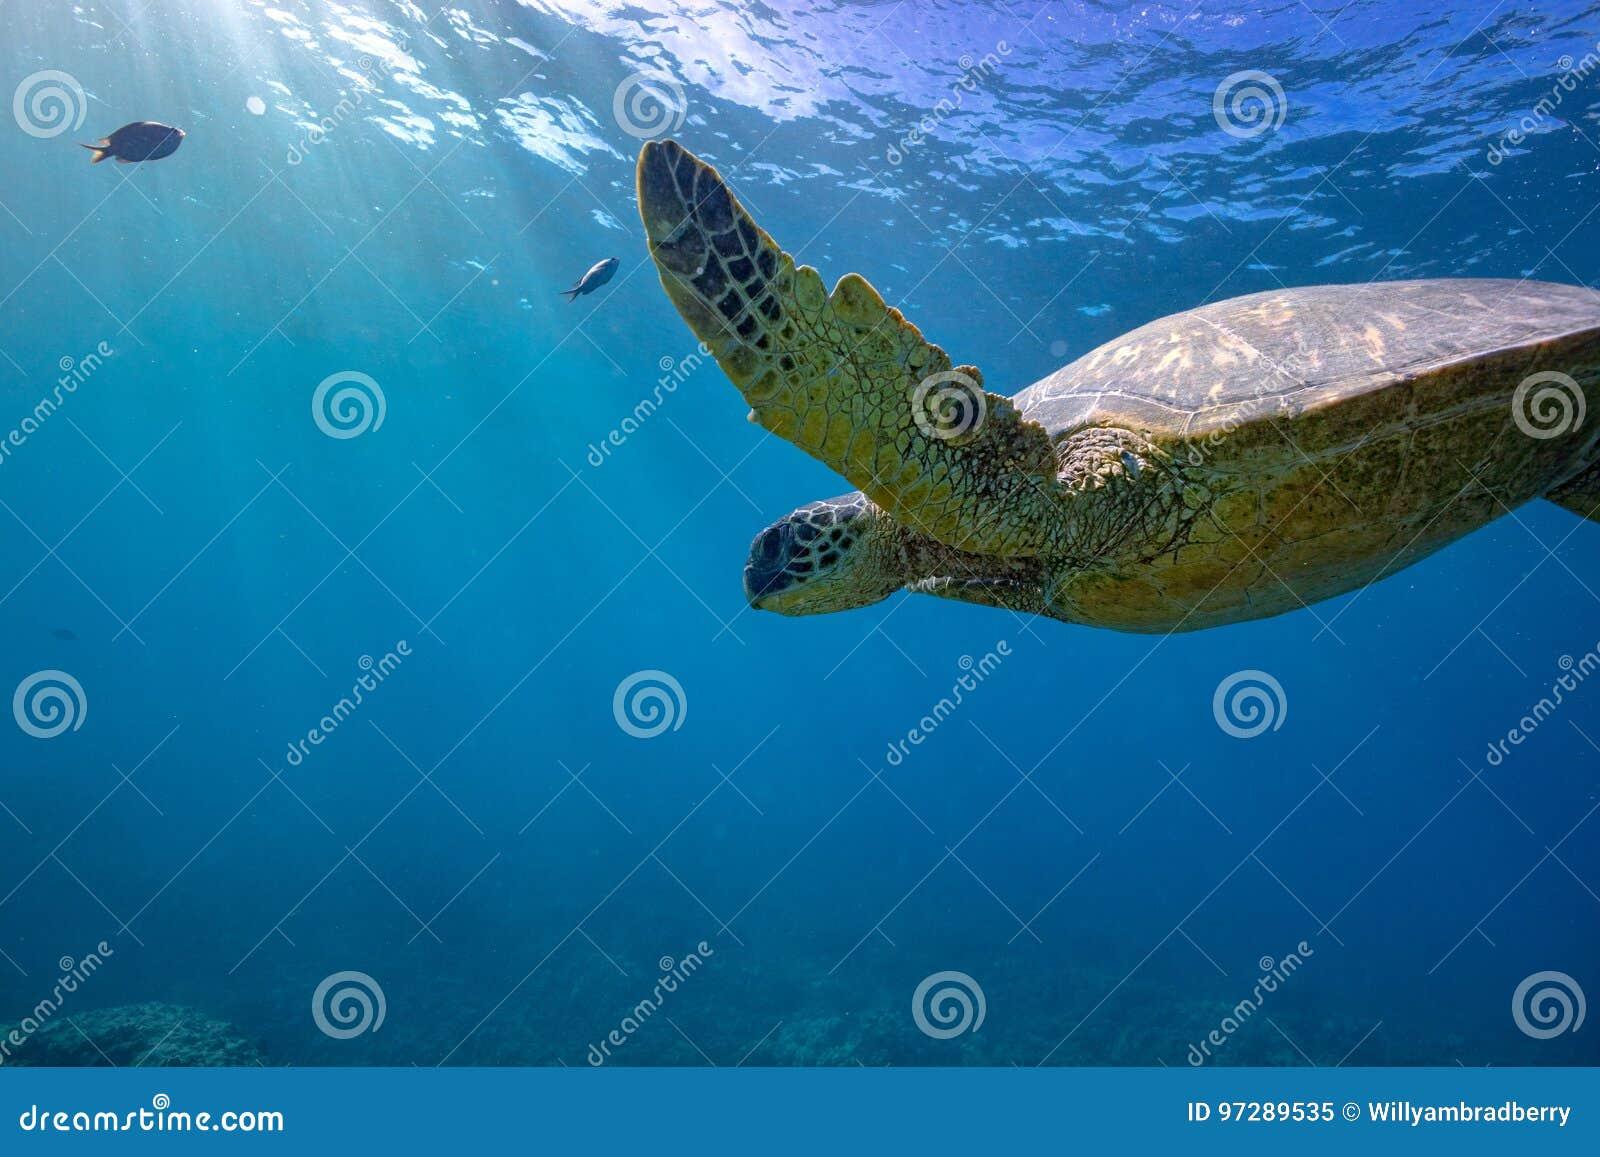 Большая черепаха в съемке кораллового рифа подводной